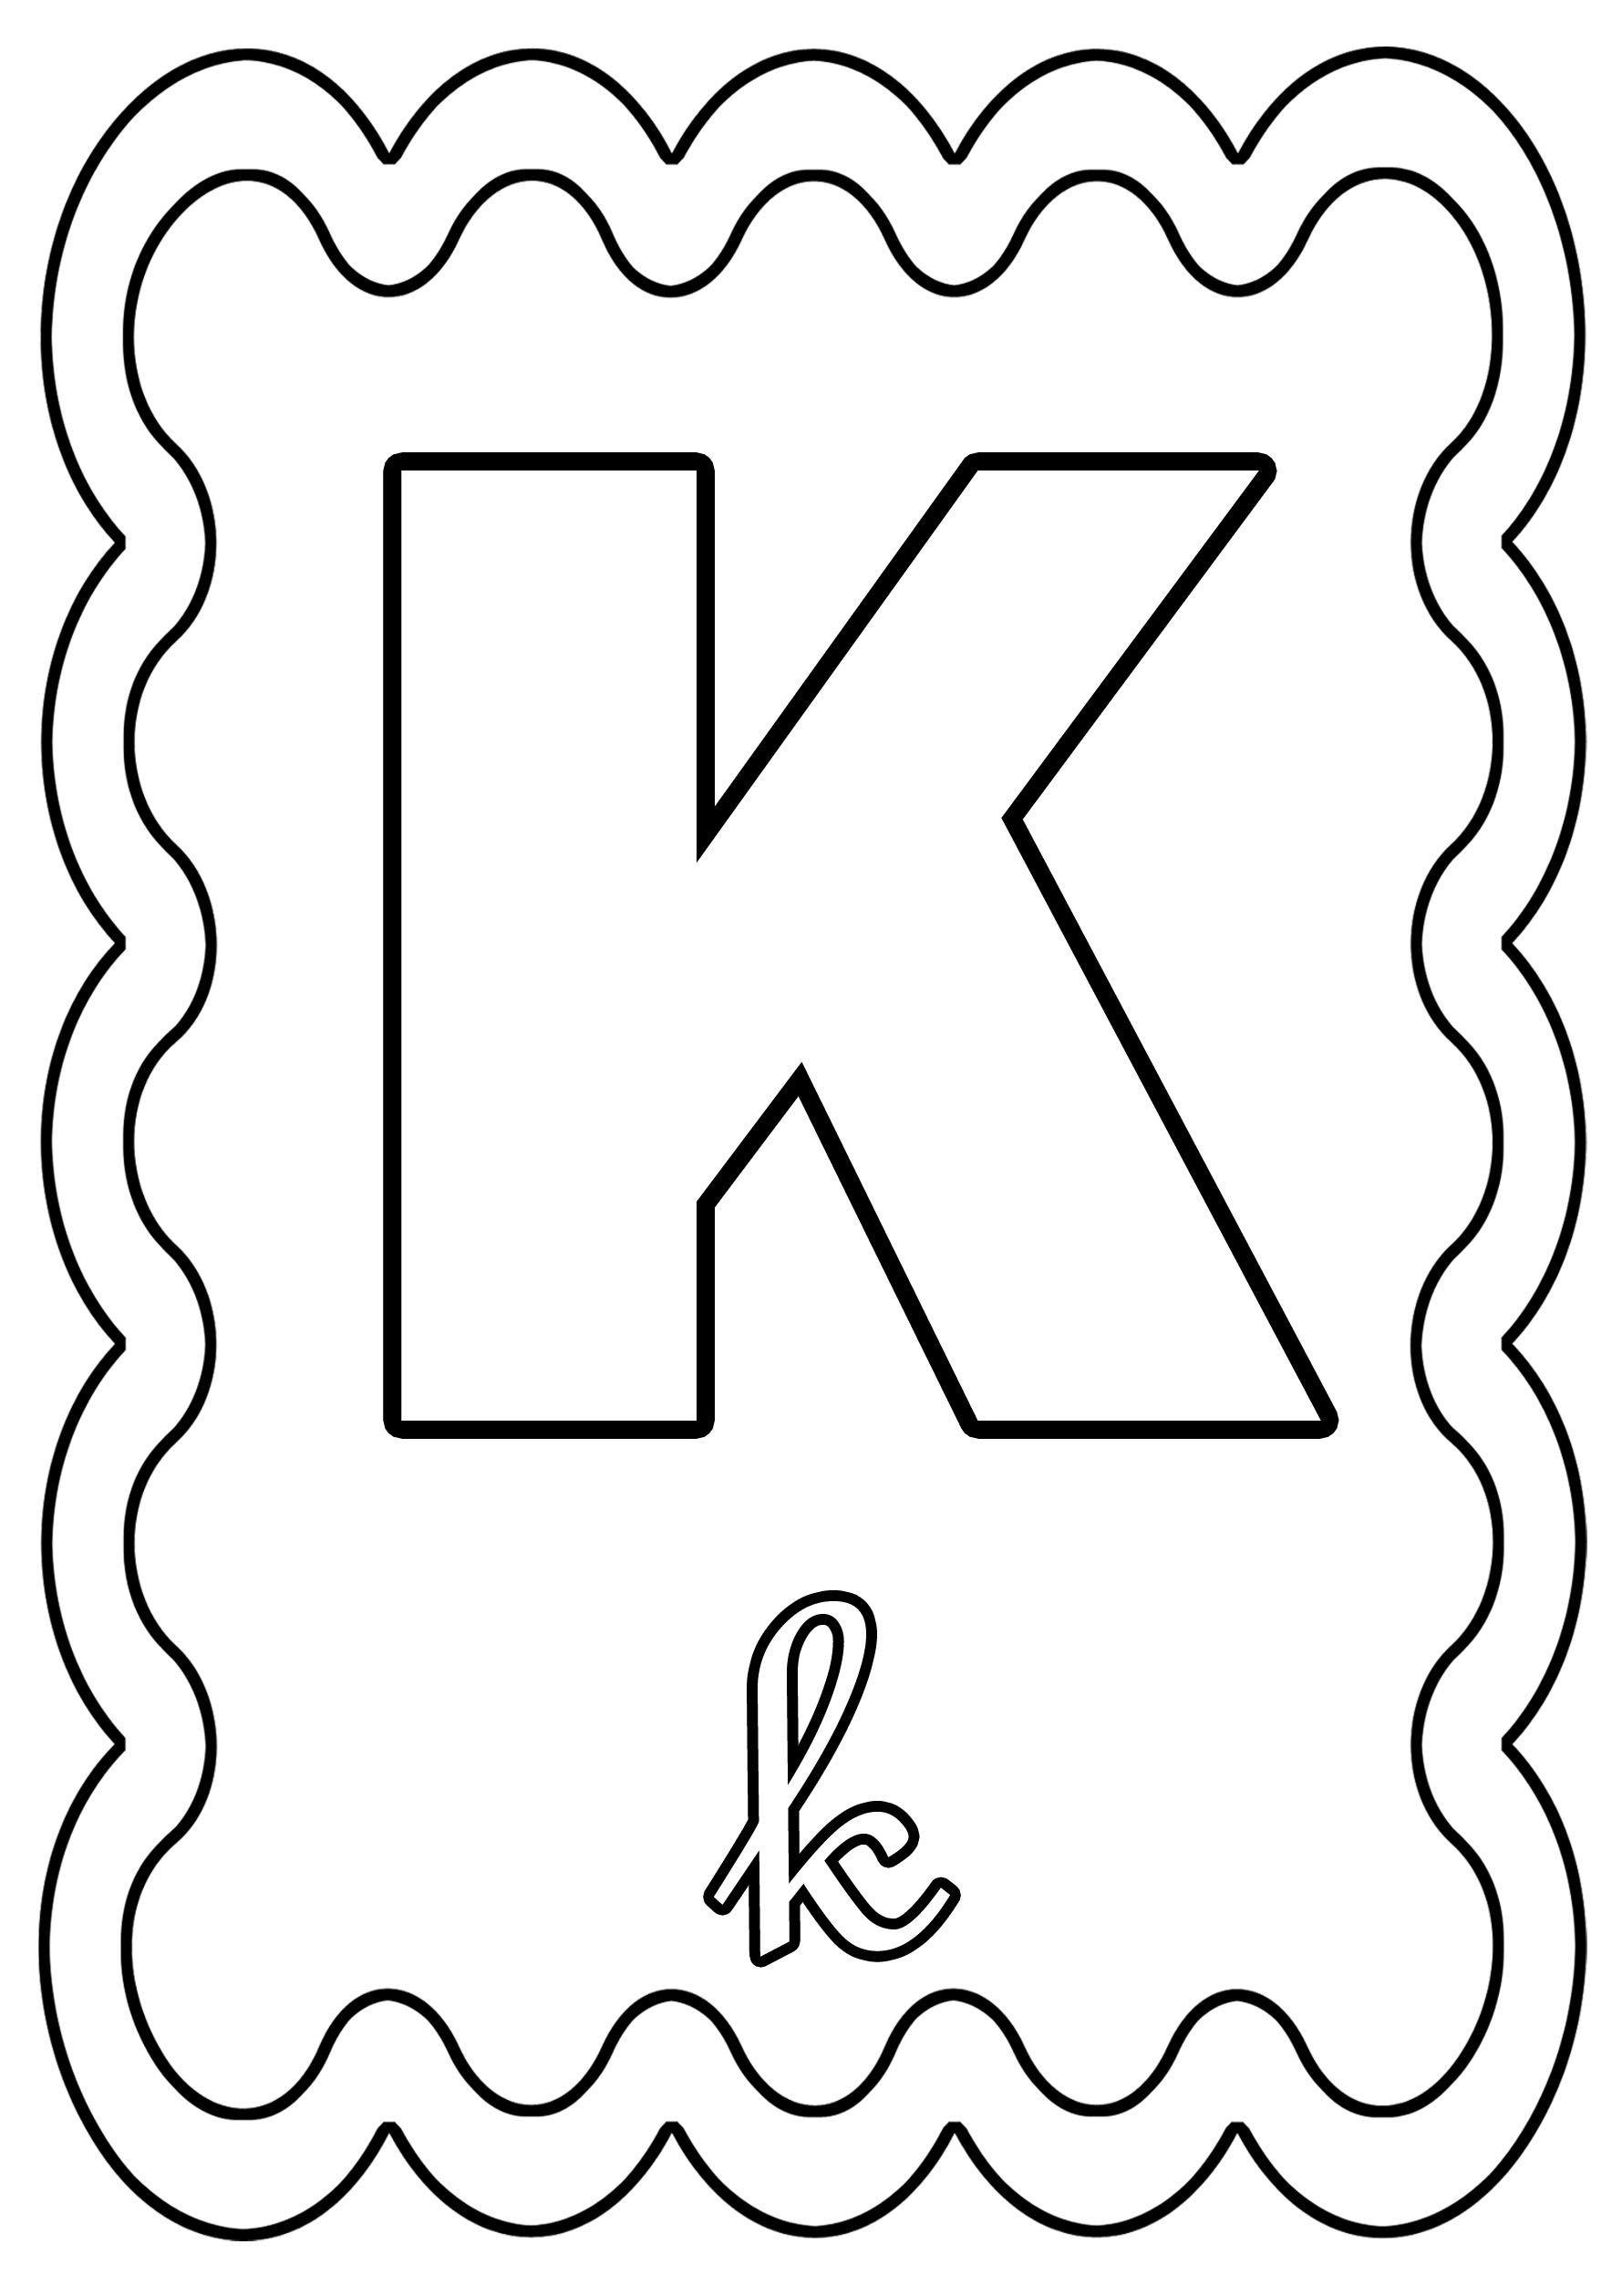 Coloriage Alphabet Lettre De A A Z - Page 2 dedans Alphabet À Colorier Maternelle